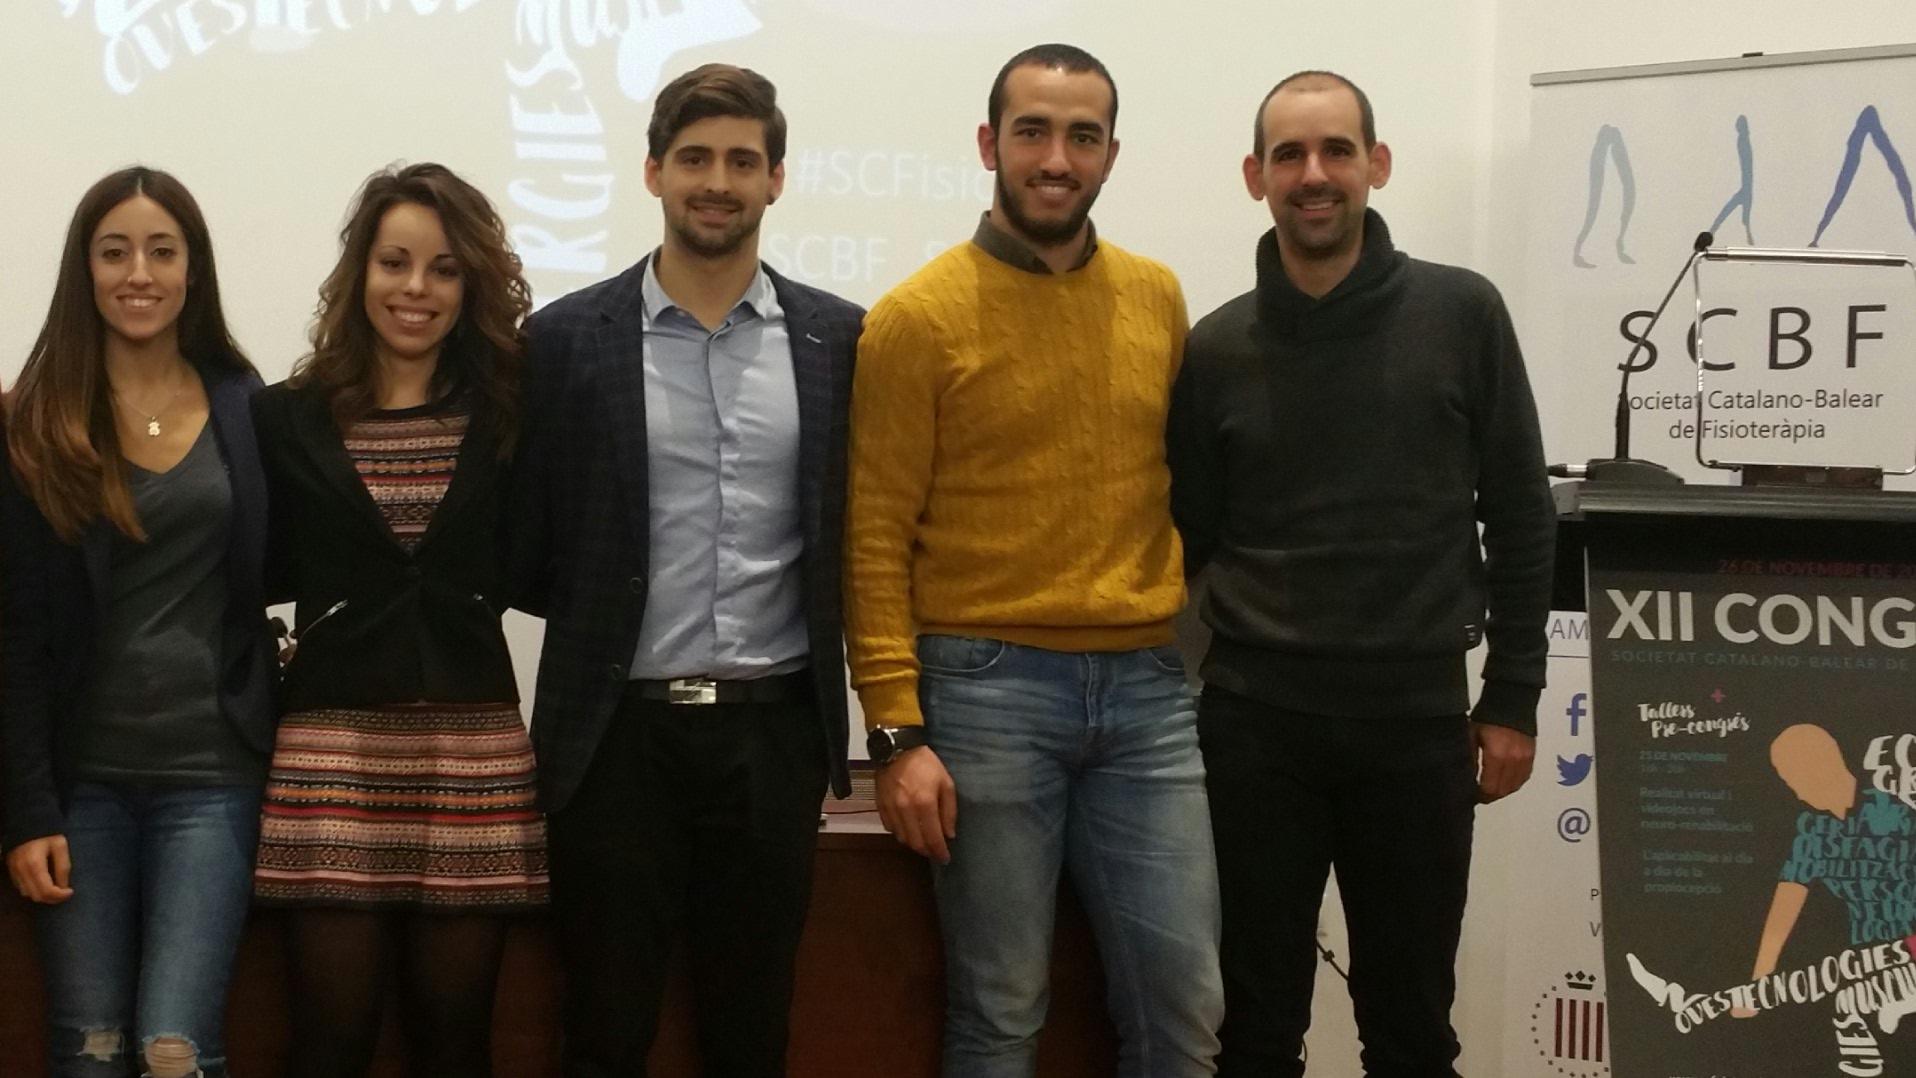 Cinc professors i un estudiant del Grau en Fisioteràpia d'EUSES participen en el 12è Congrés de la Societat Catalano-Balear a Barcelona